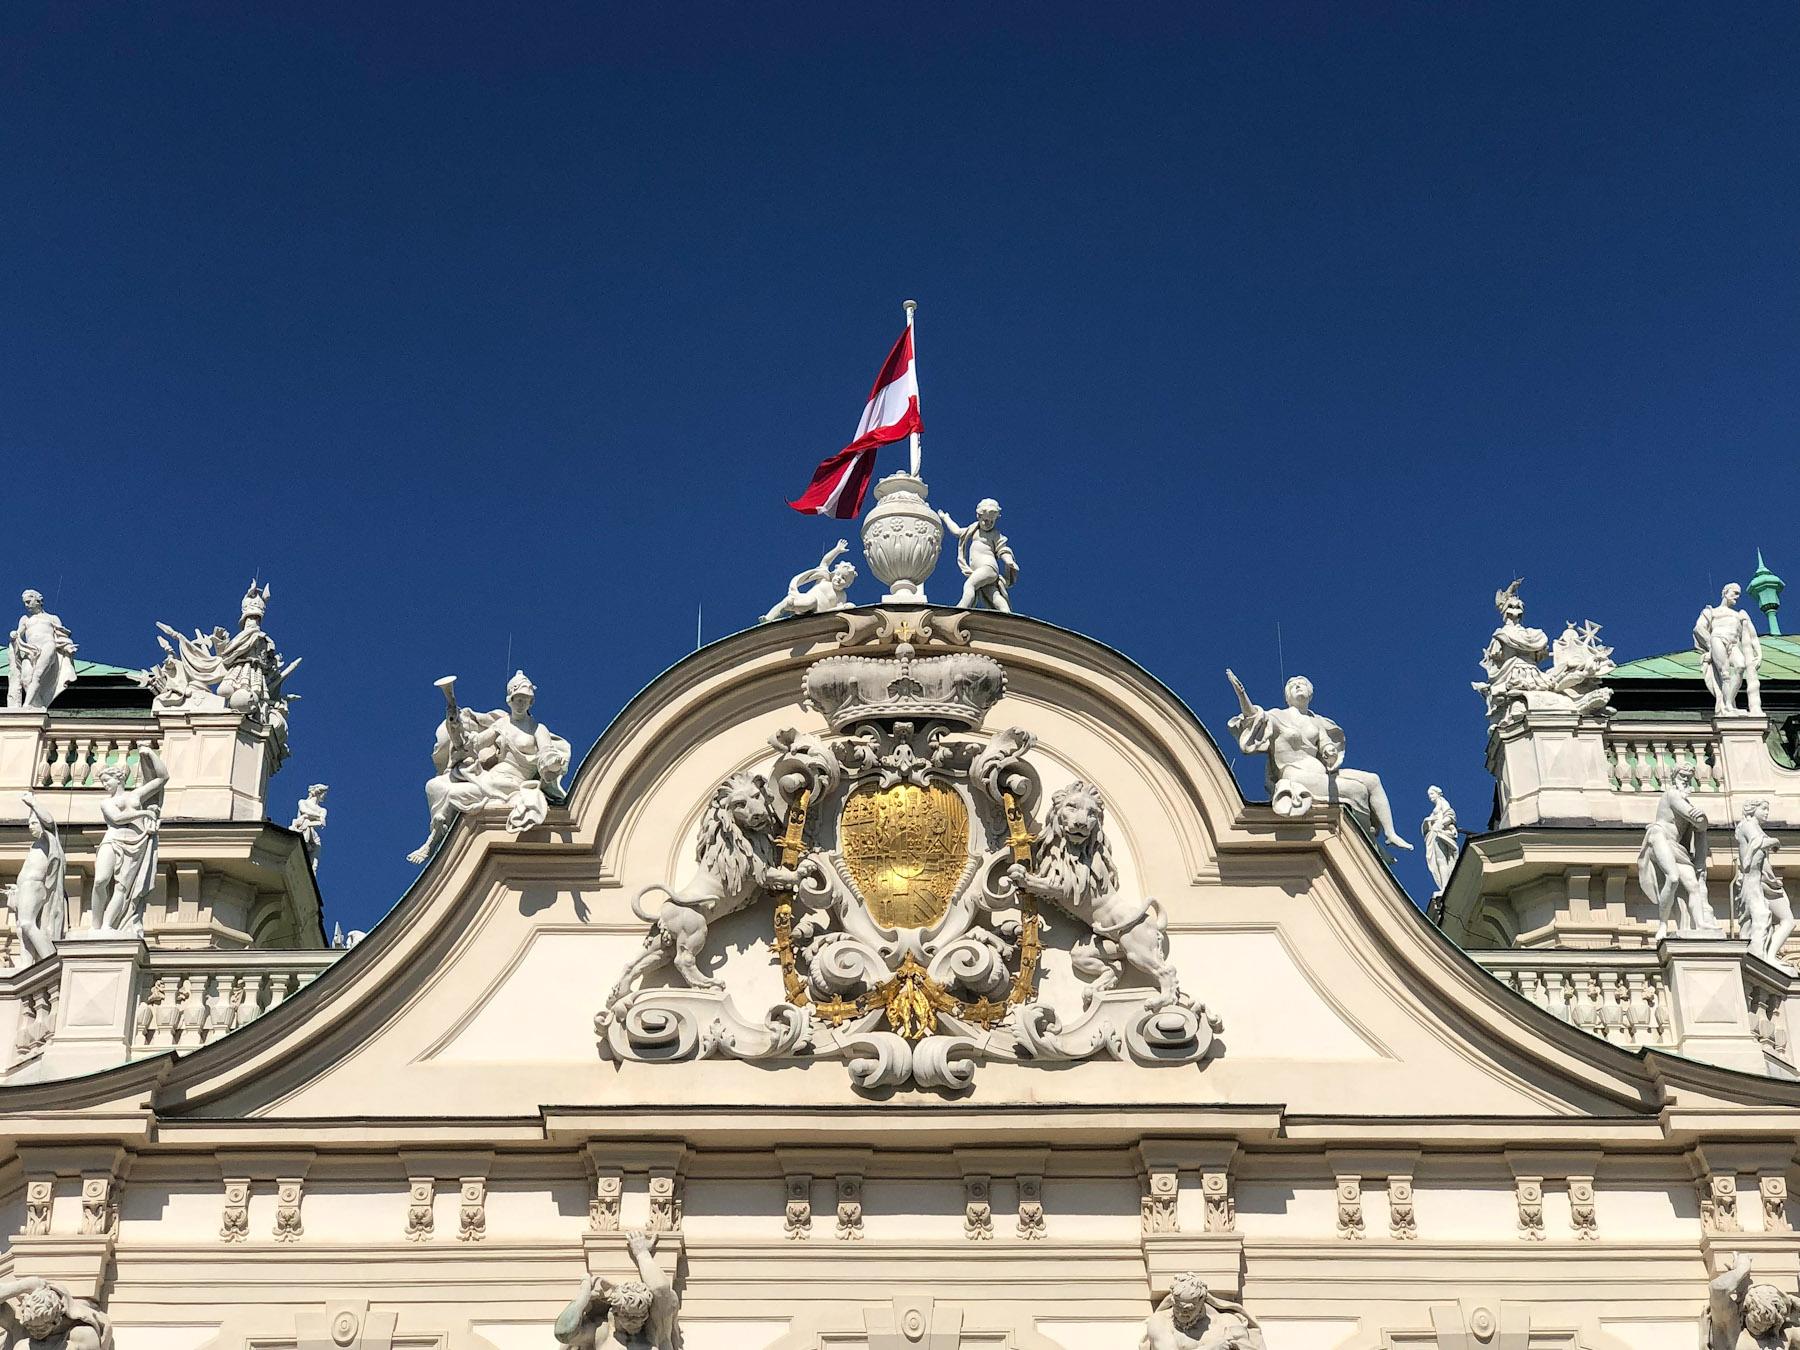 Upper Belvedere Roof, Vienna, Austria